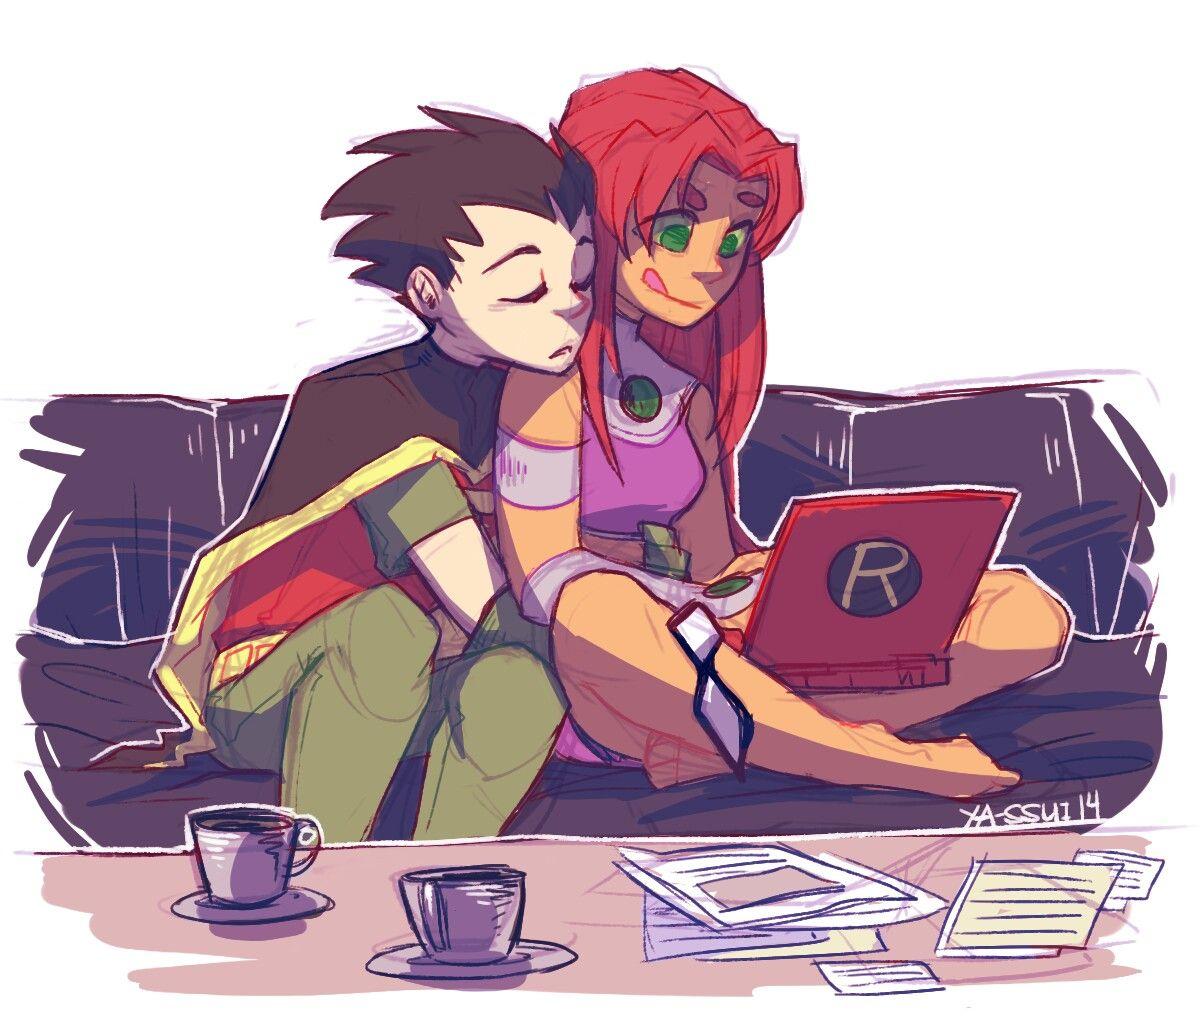 hentai Robin and starfire